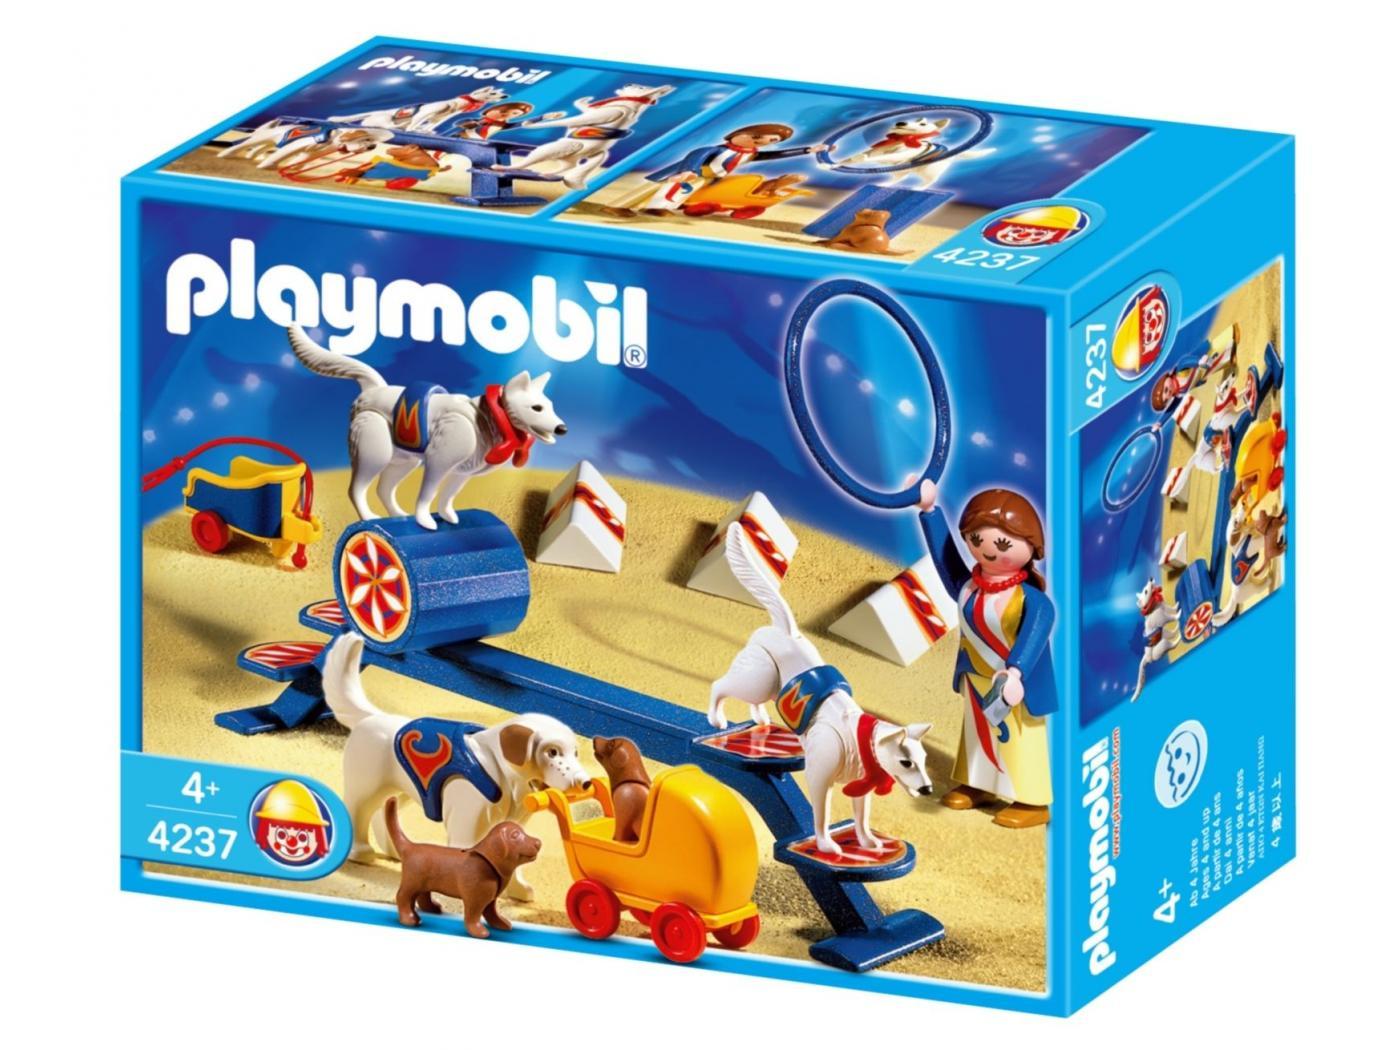 Accessoires cirque playmobil - Cirque playmobil ...